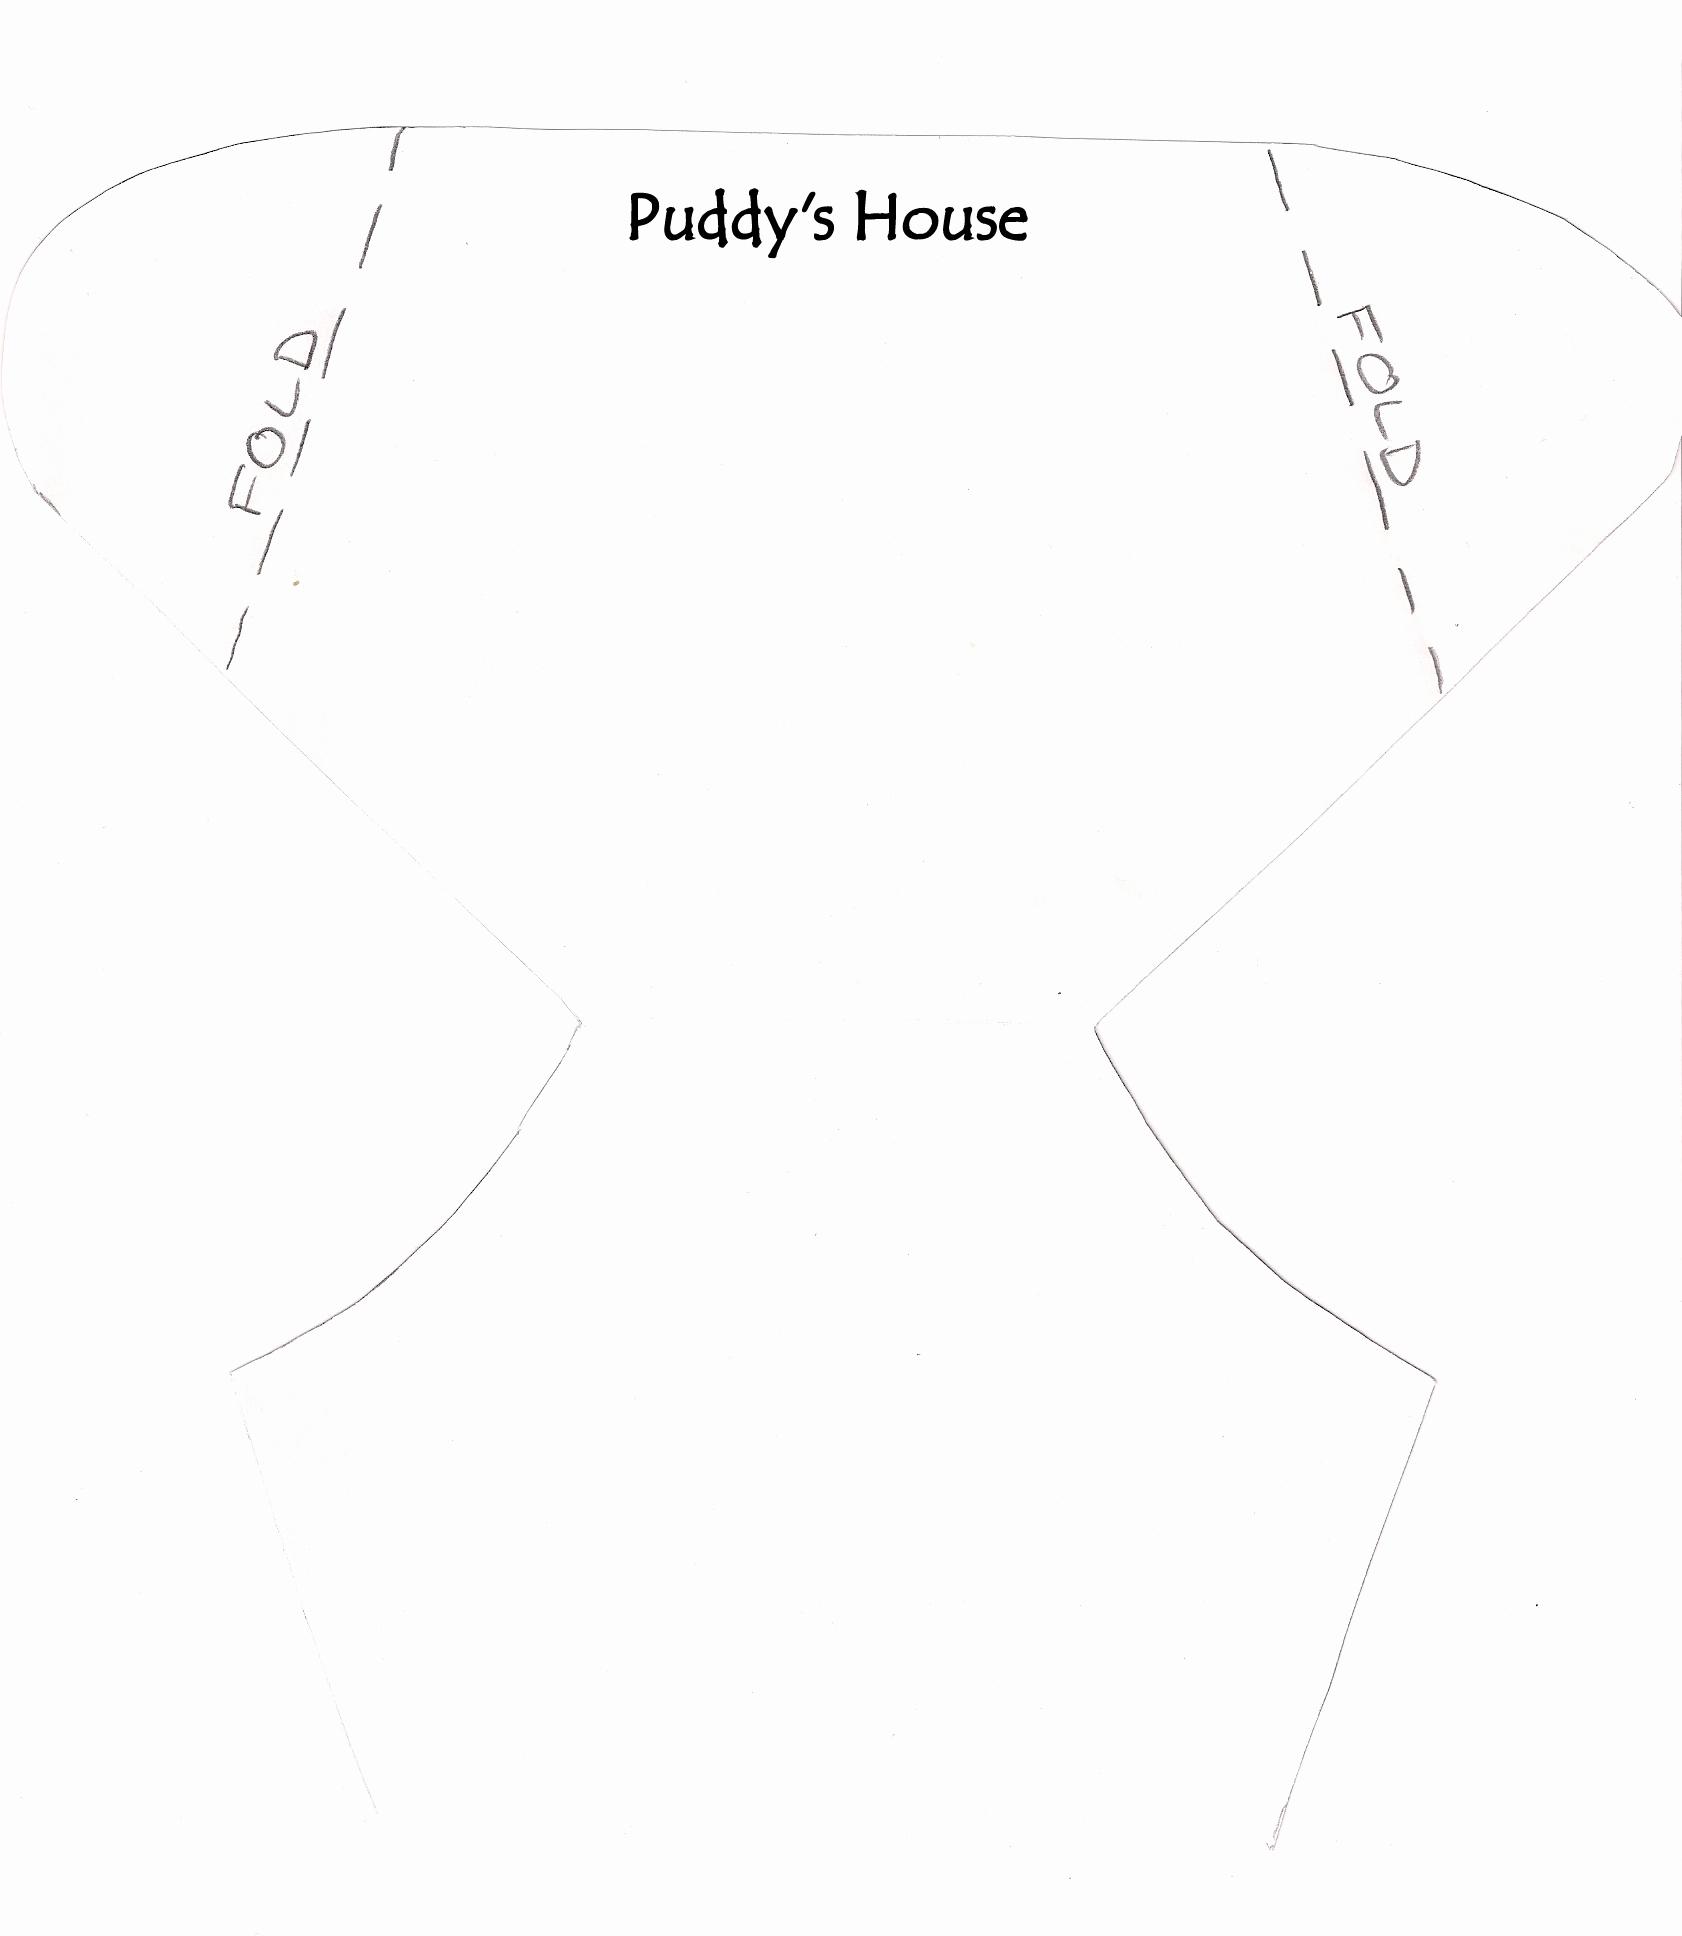 Diaper Invitation Template Free Unique Diy Diaper Invitation – Puddy S House